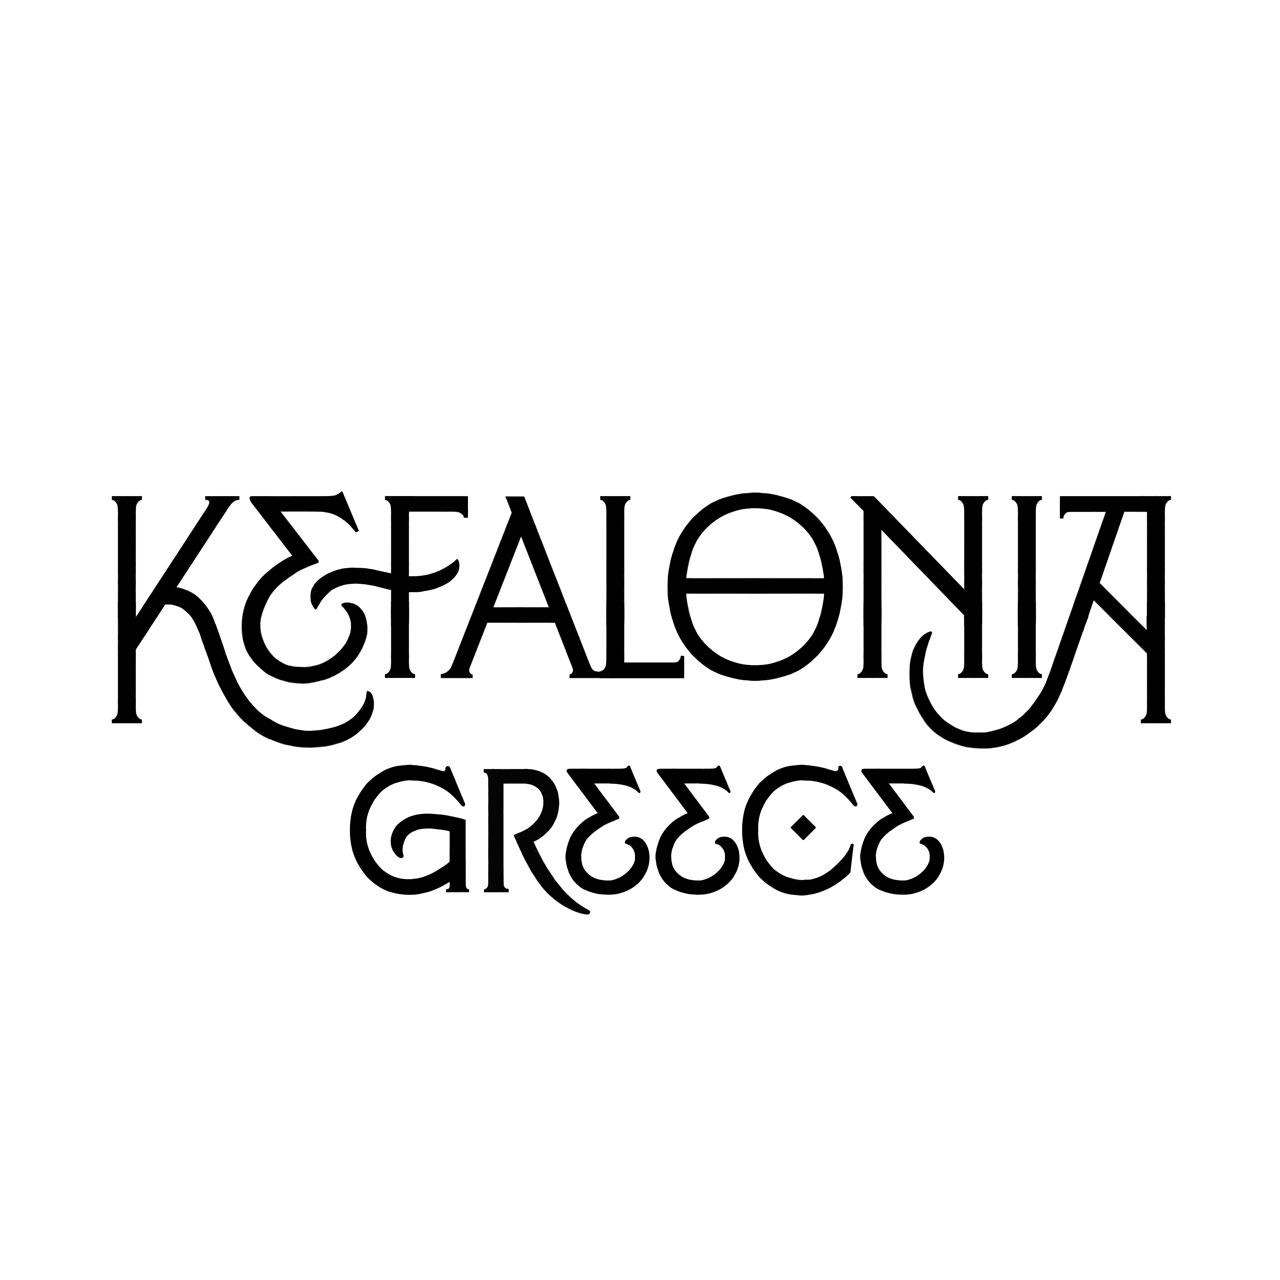 Kefalonia Lettering, designed by Dan Forster